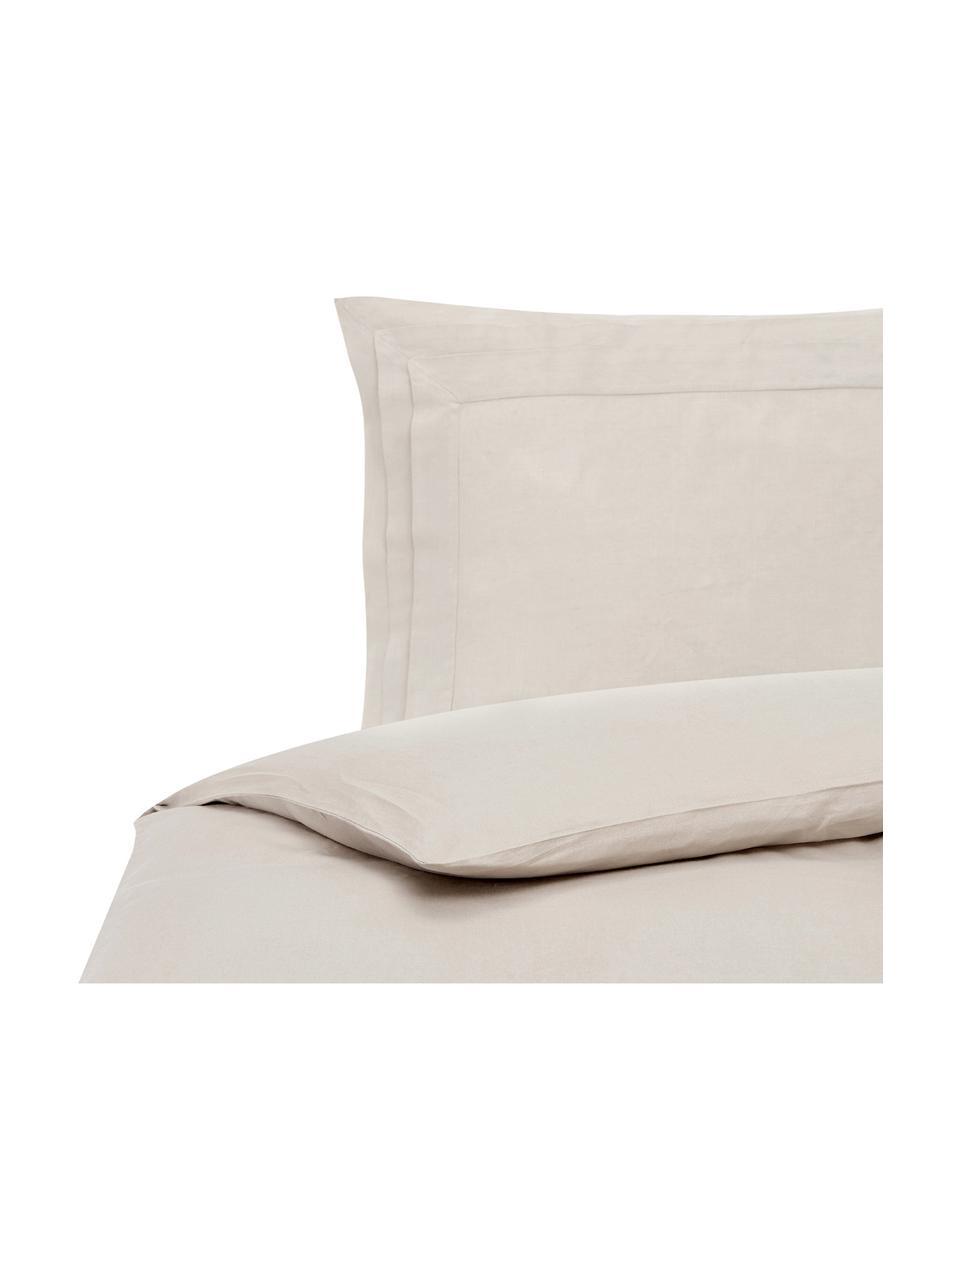 Pościel z lnu z efektem sprania Helena, Beżowy, 135 x 200 cm + 1 poduszka 80 x 80 cm